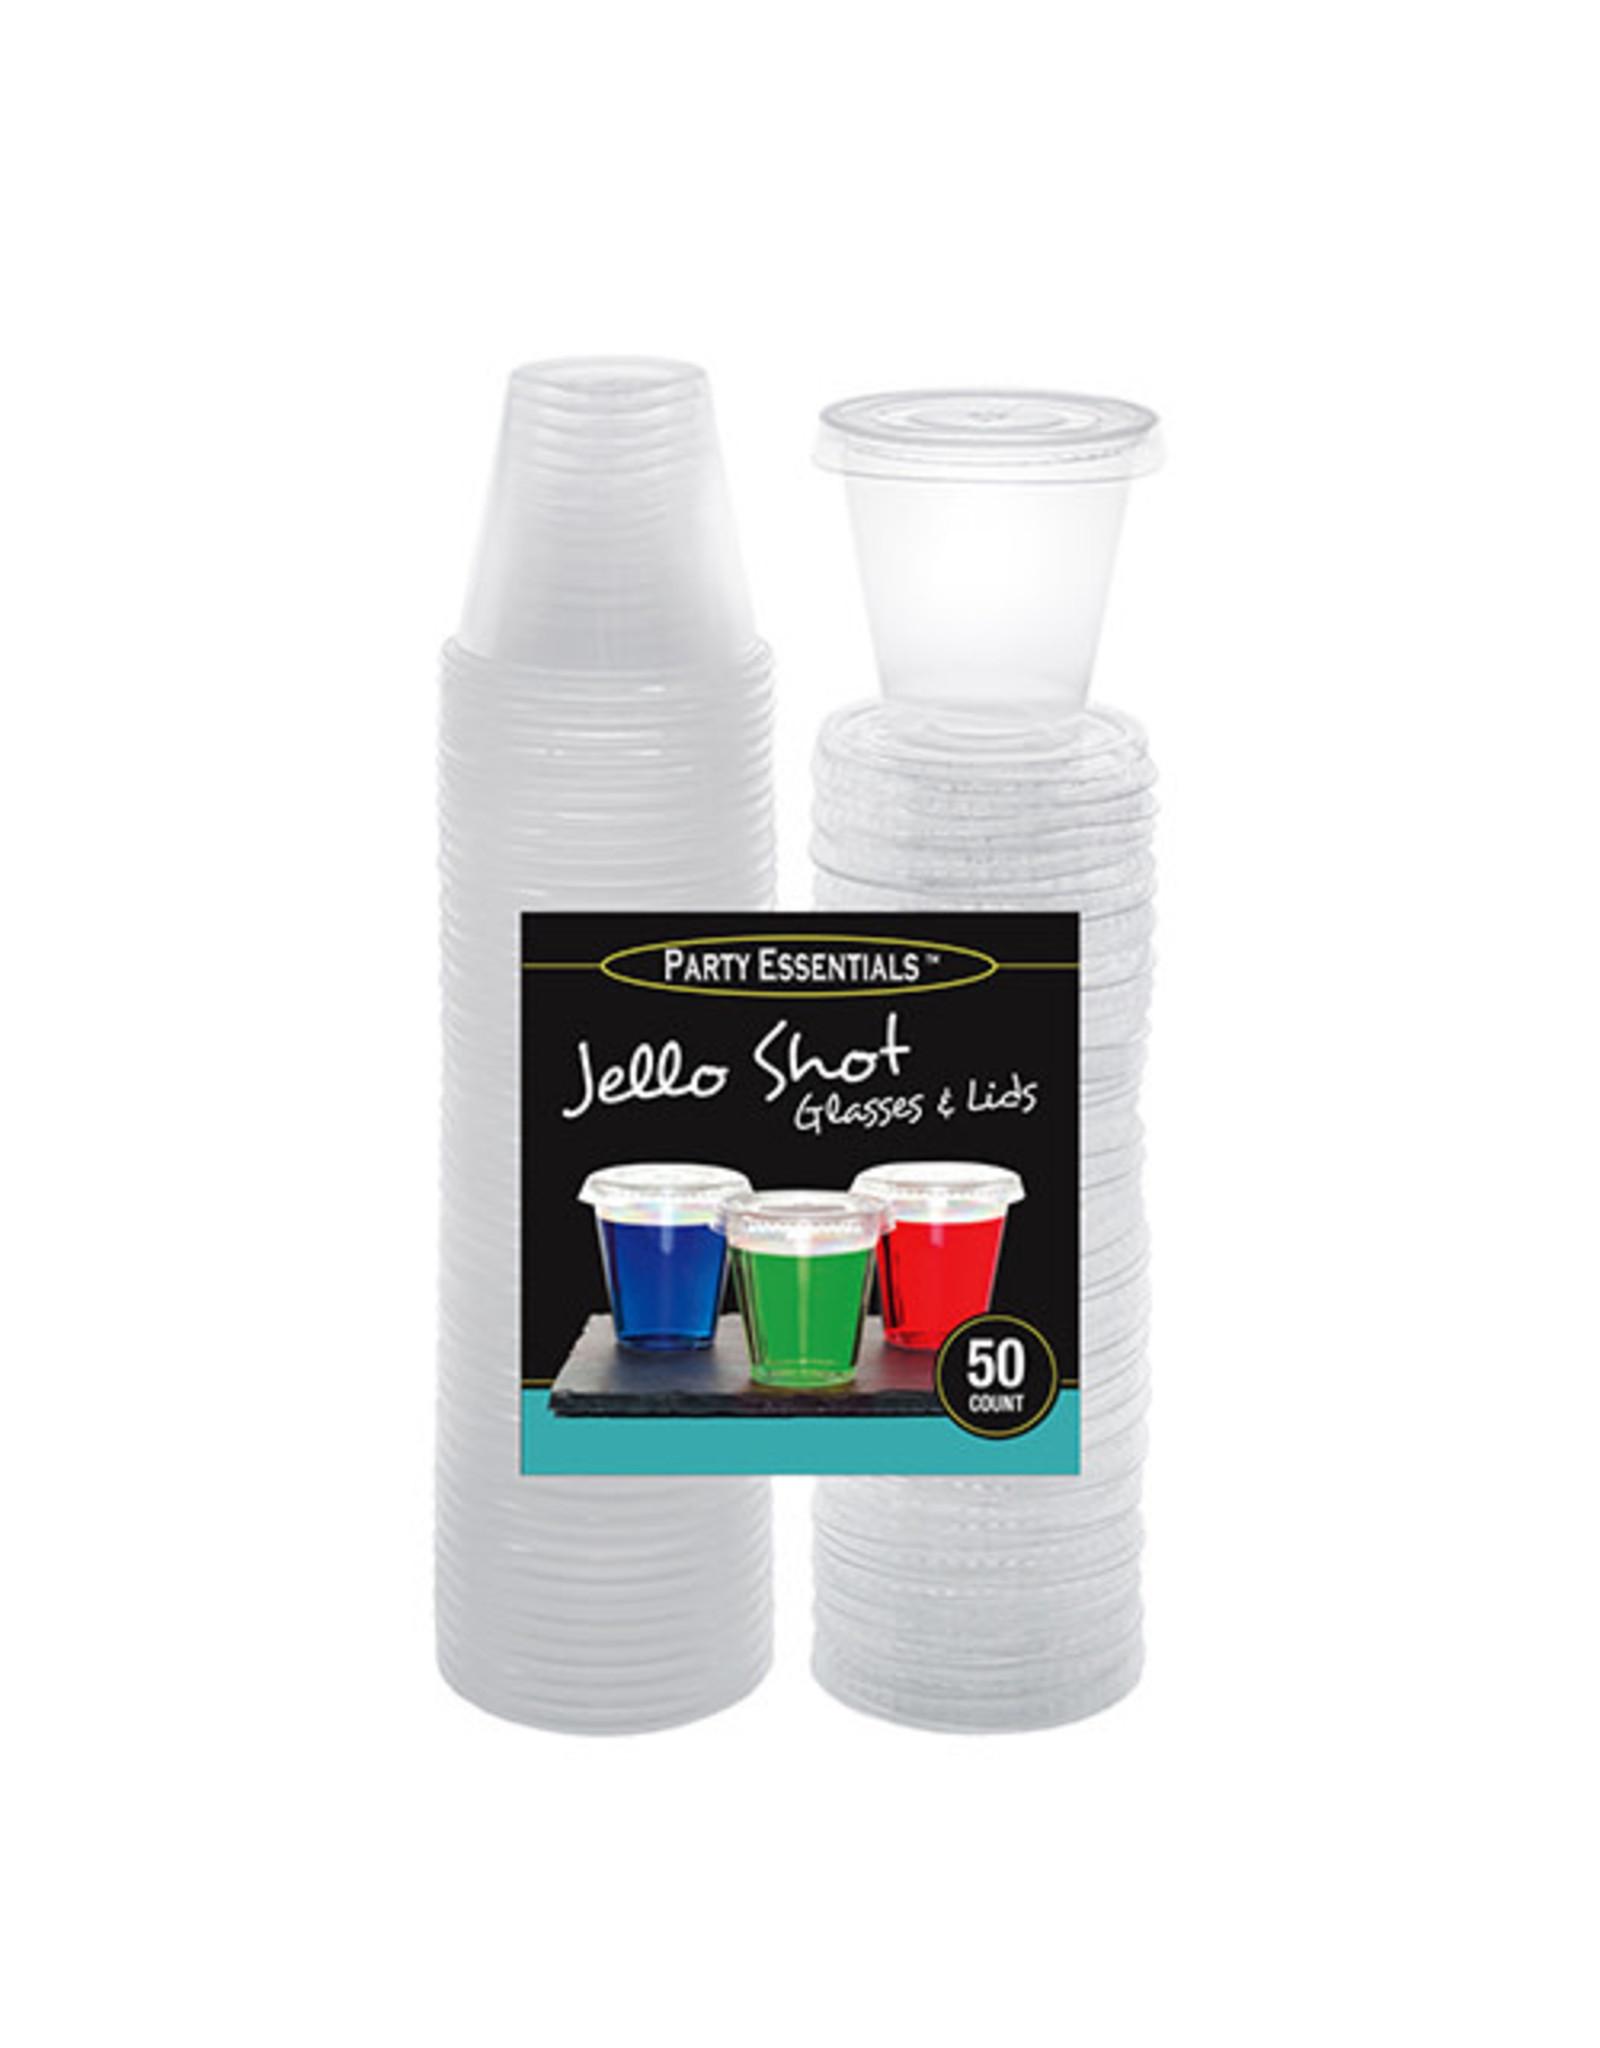 northwest 2oz. Jello Shot Glasses w/ Lids - 50ct.